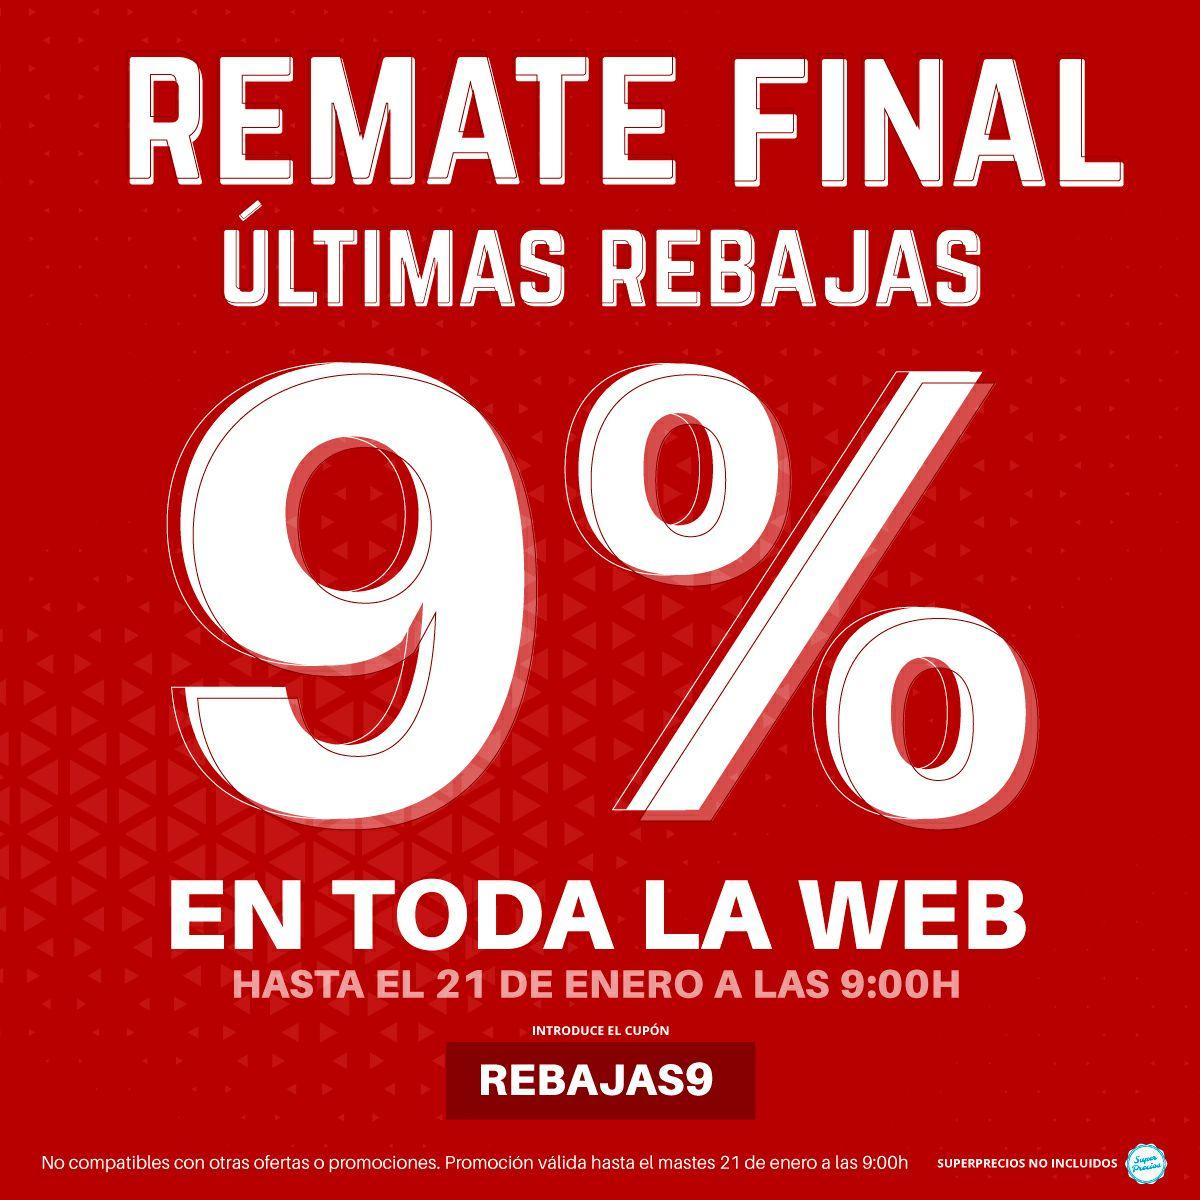 Descuento del 9% en toda la web